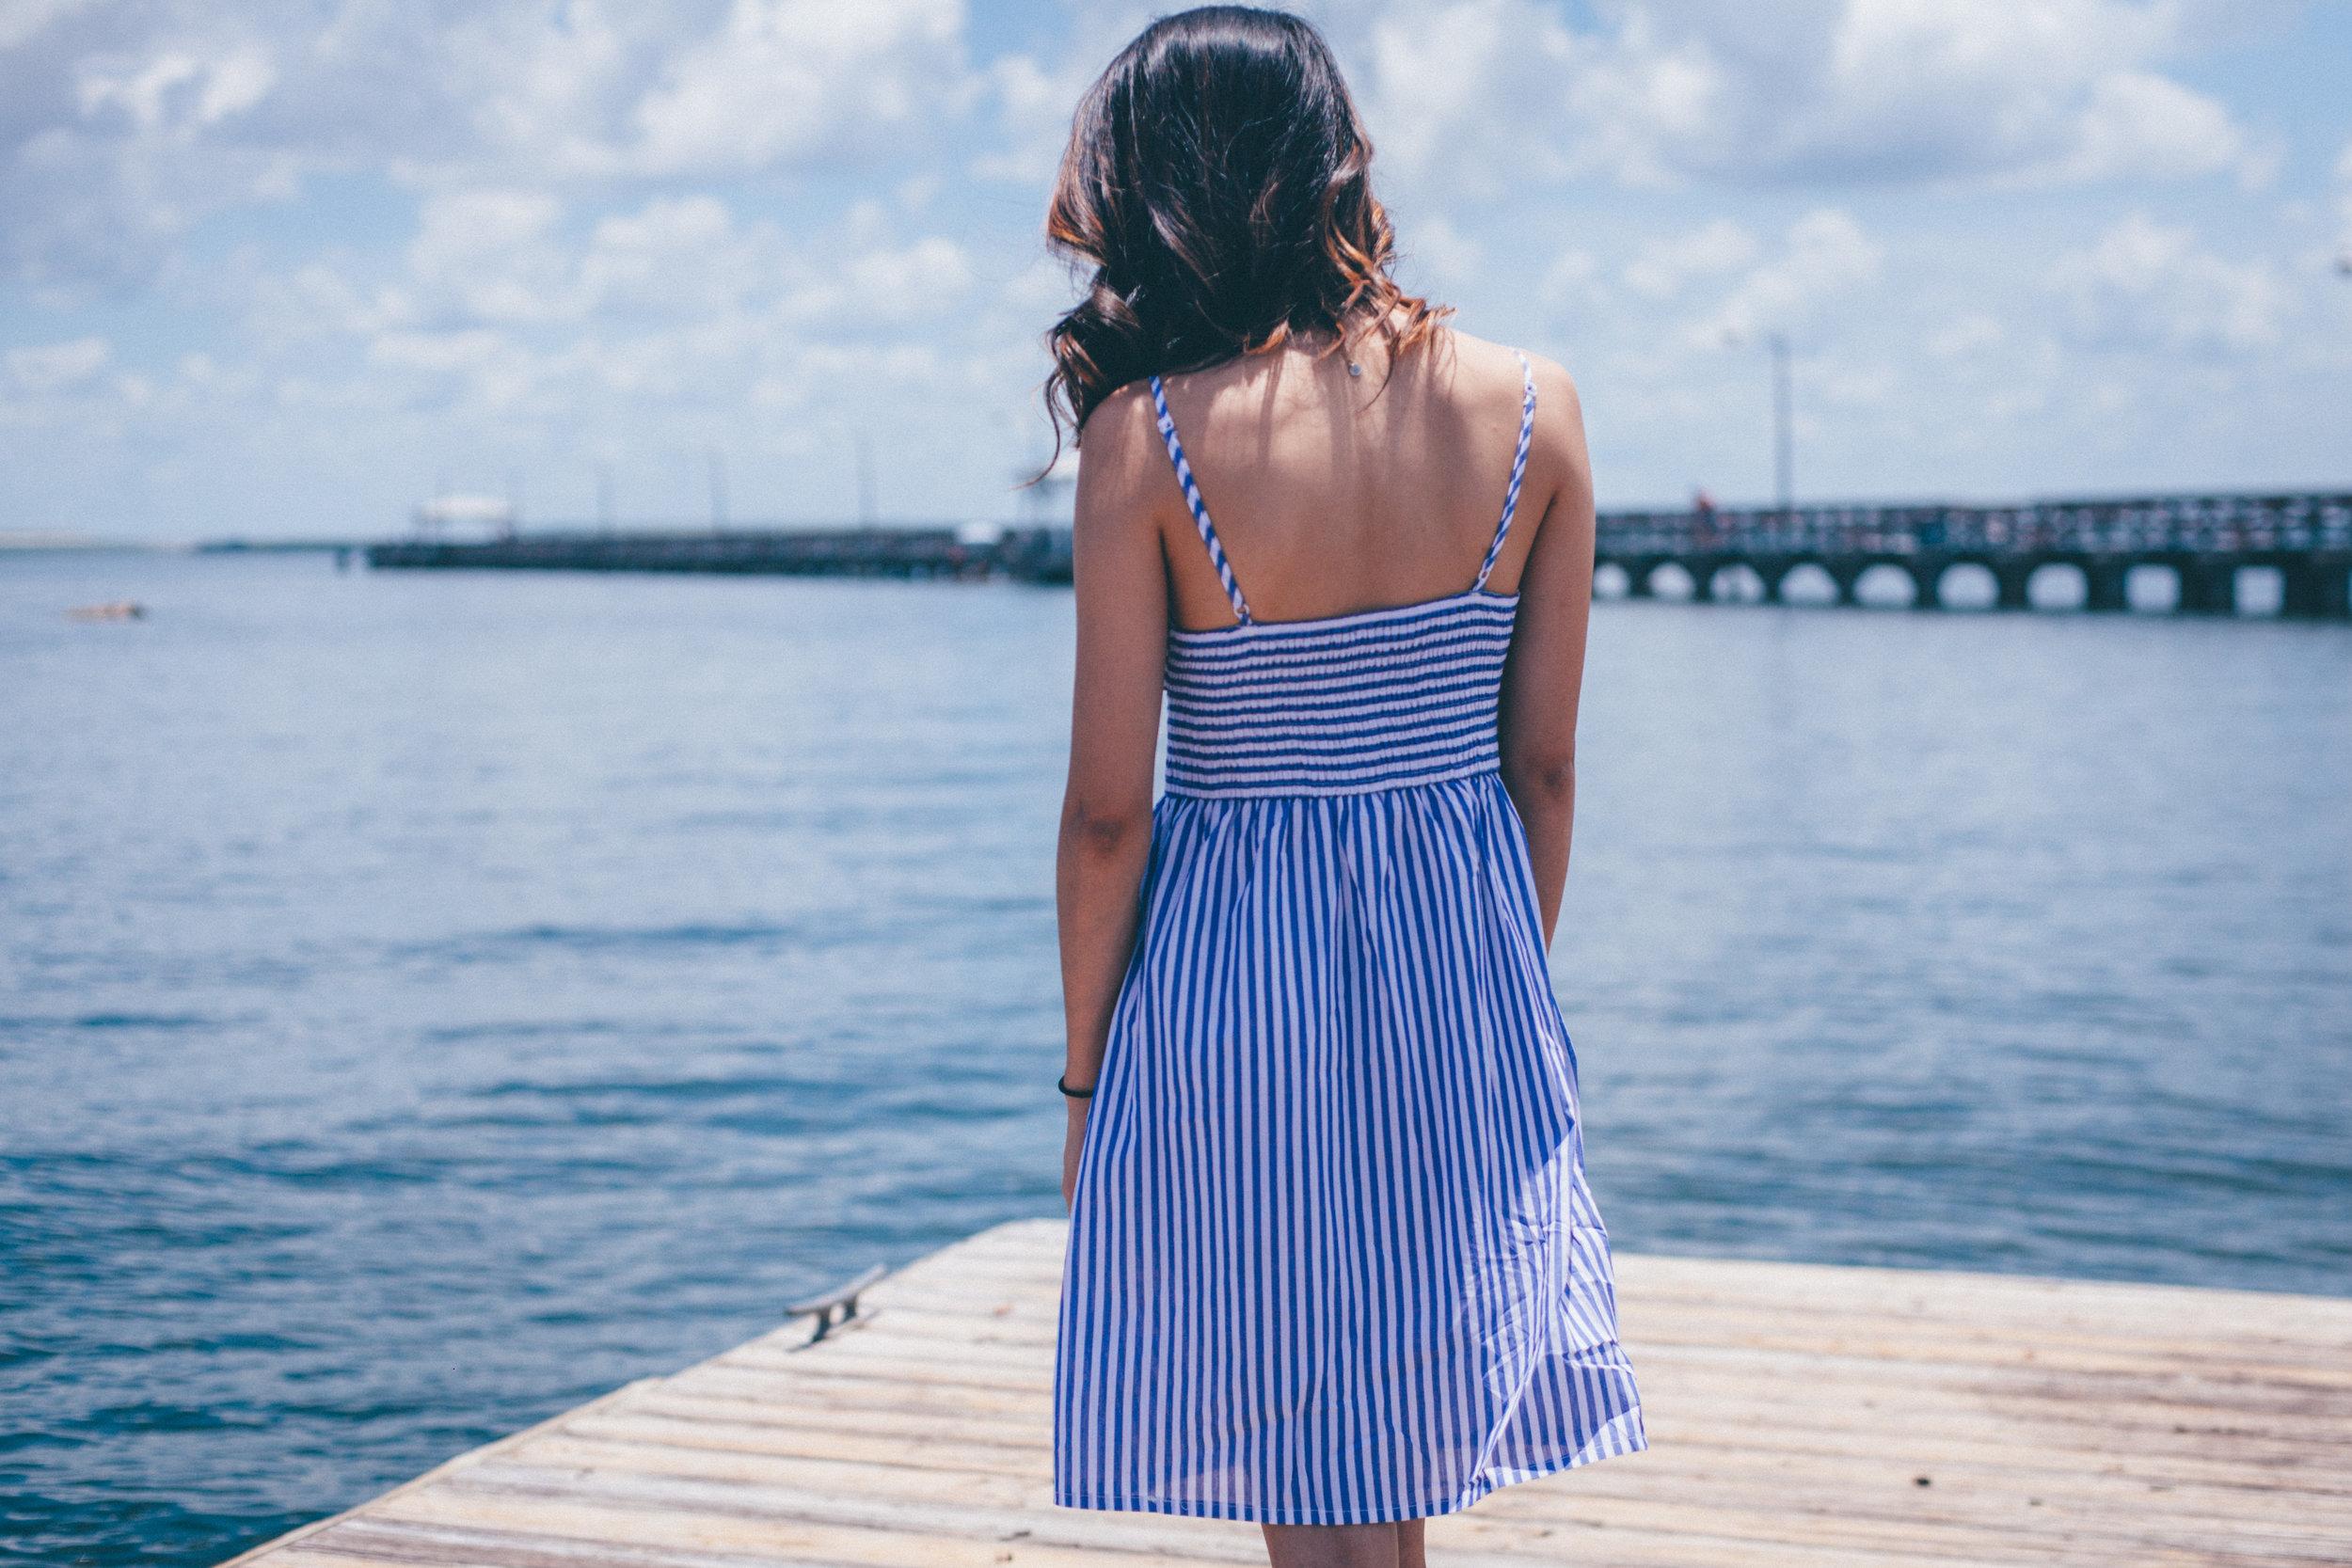 This Jenn Girl - Shein Bow Cutout Dress 3